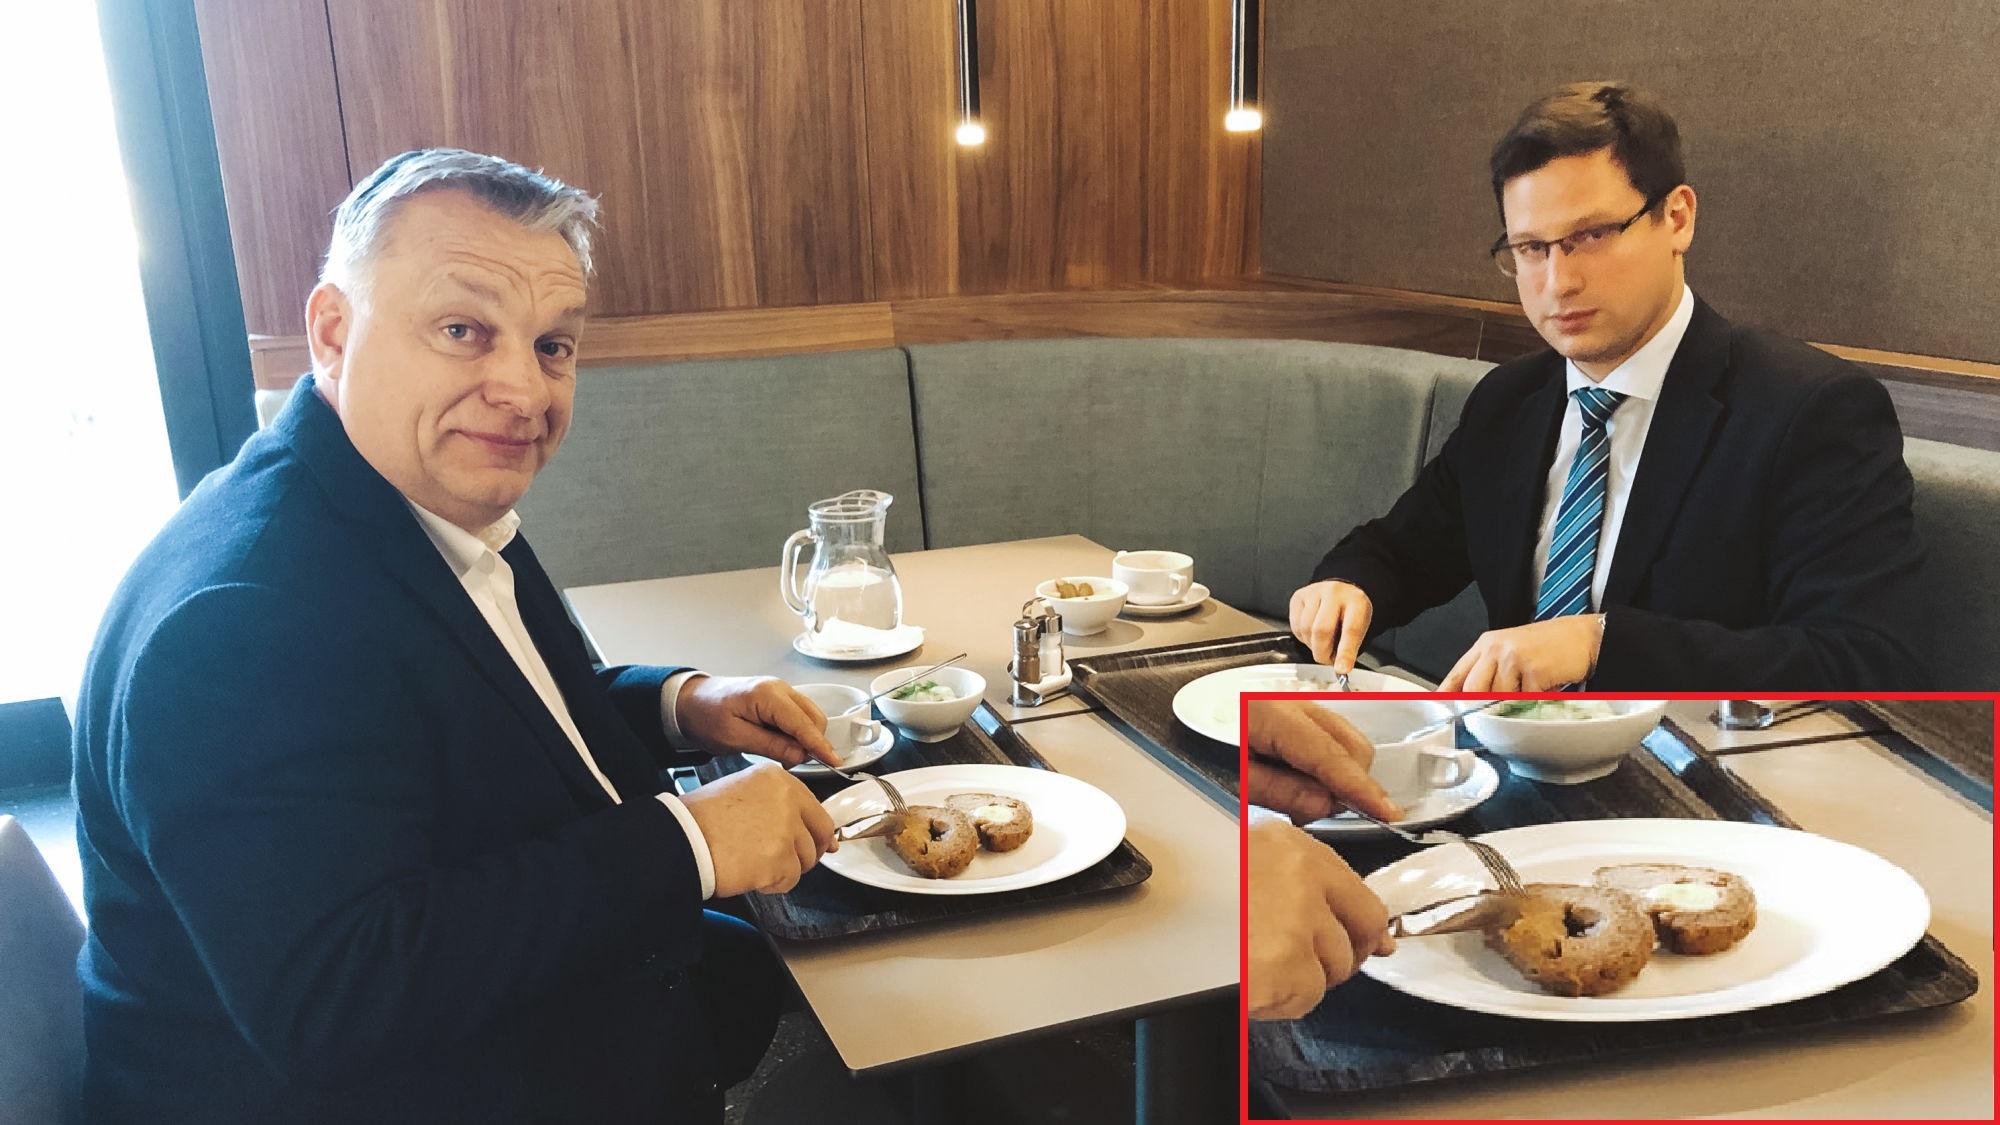 Megkérték Orbán Viktort, hogy ragadjon kést és villát az ebédhez, de nem teljesen sikerült